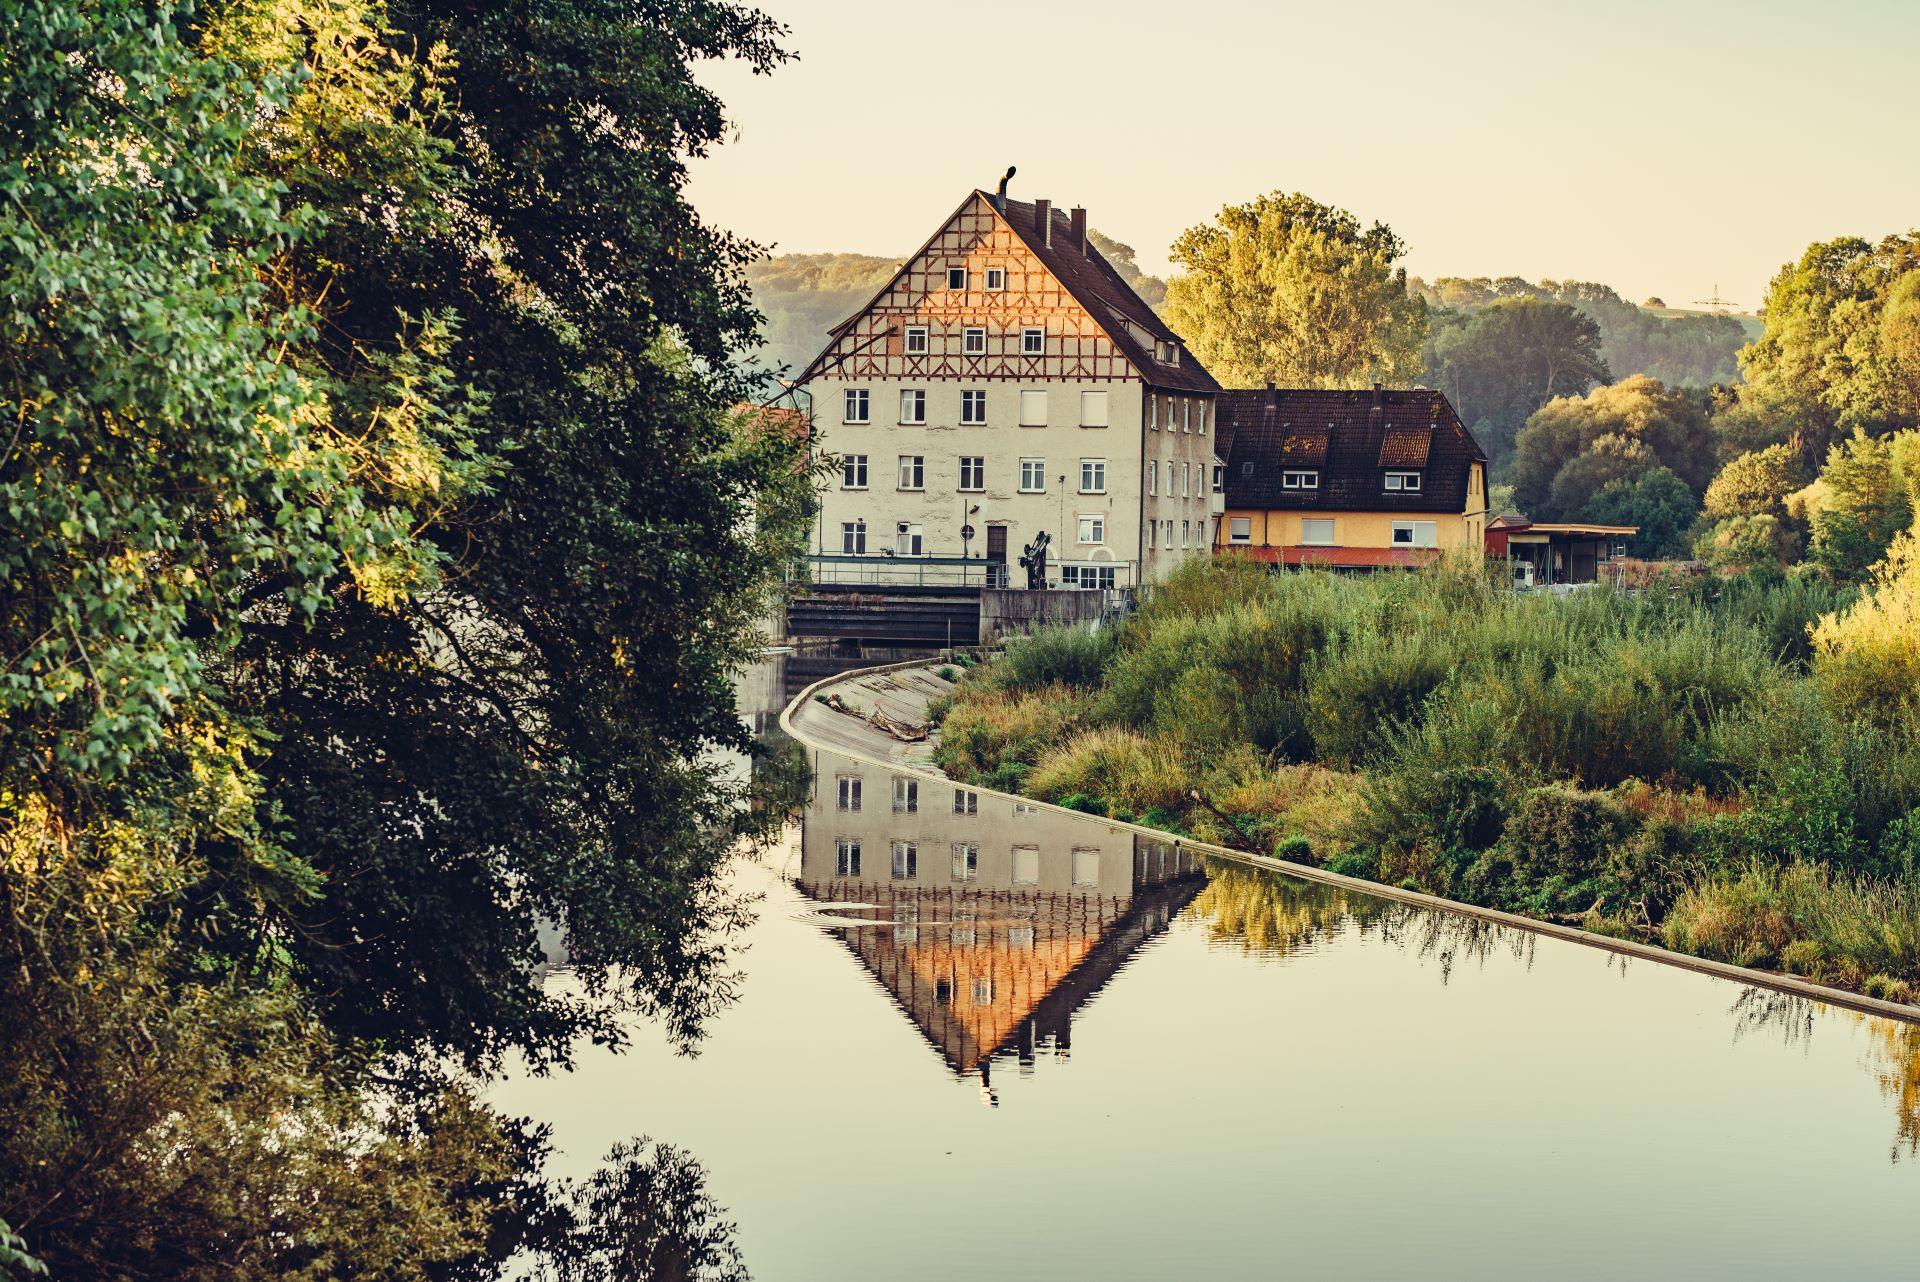 Wehr bei Jagsthausen